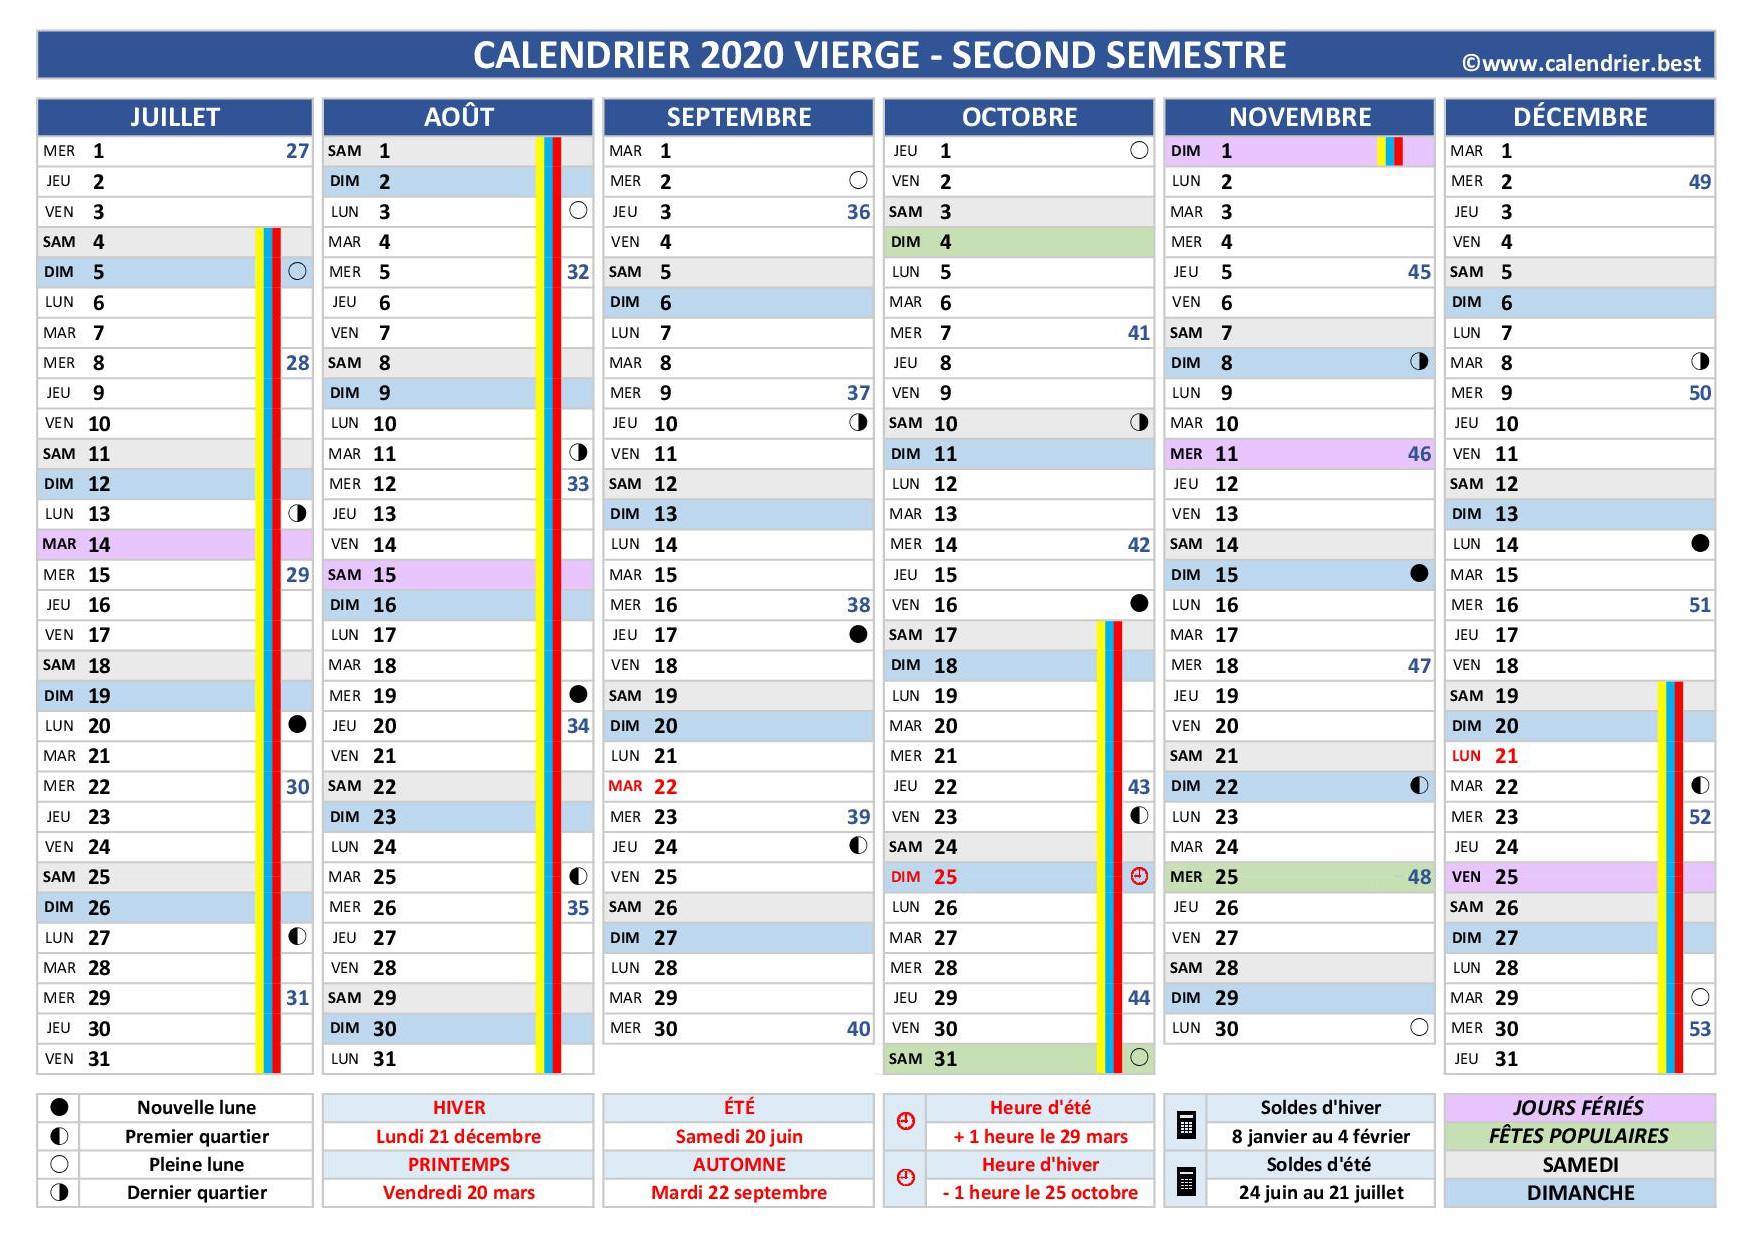 Calendrier Deuxième Semestre 2021 Calendrier 1er et 2ème semestre 2020 à imprimer